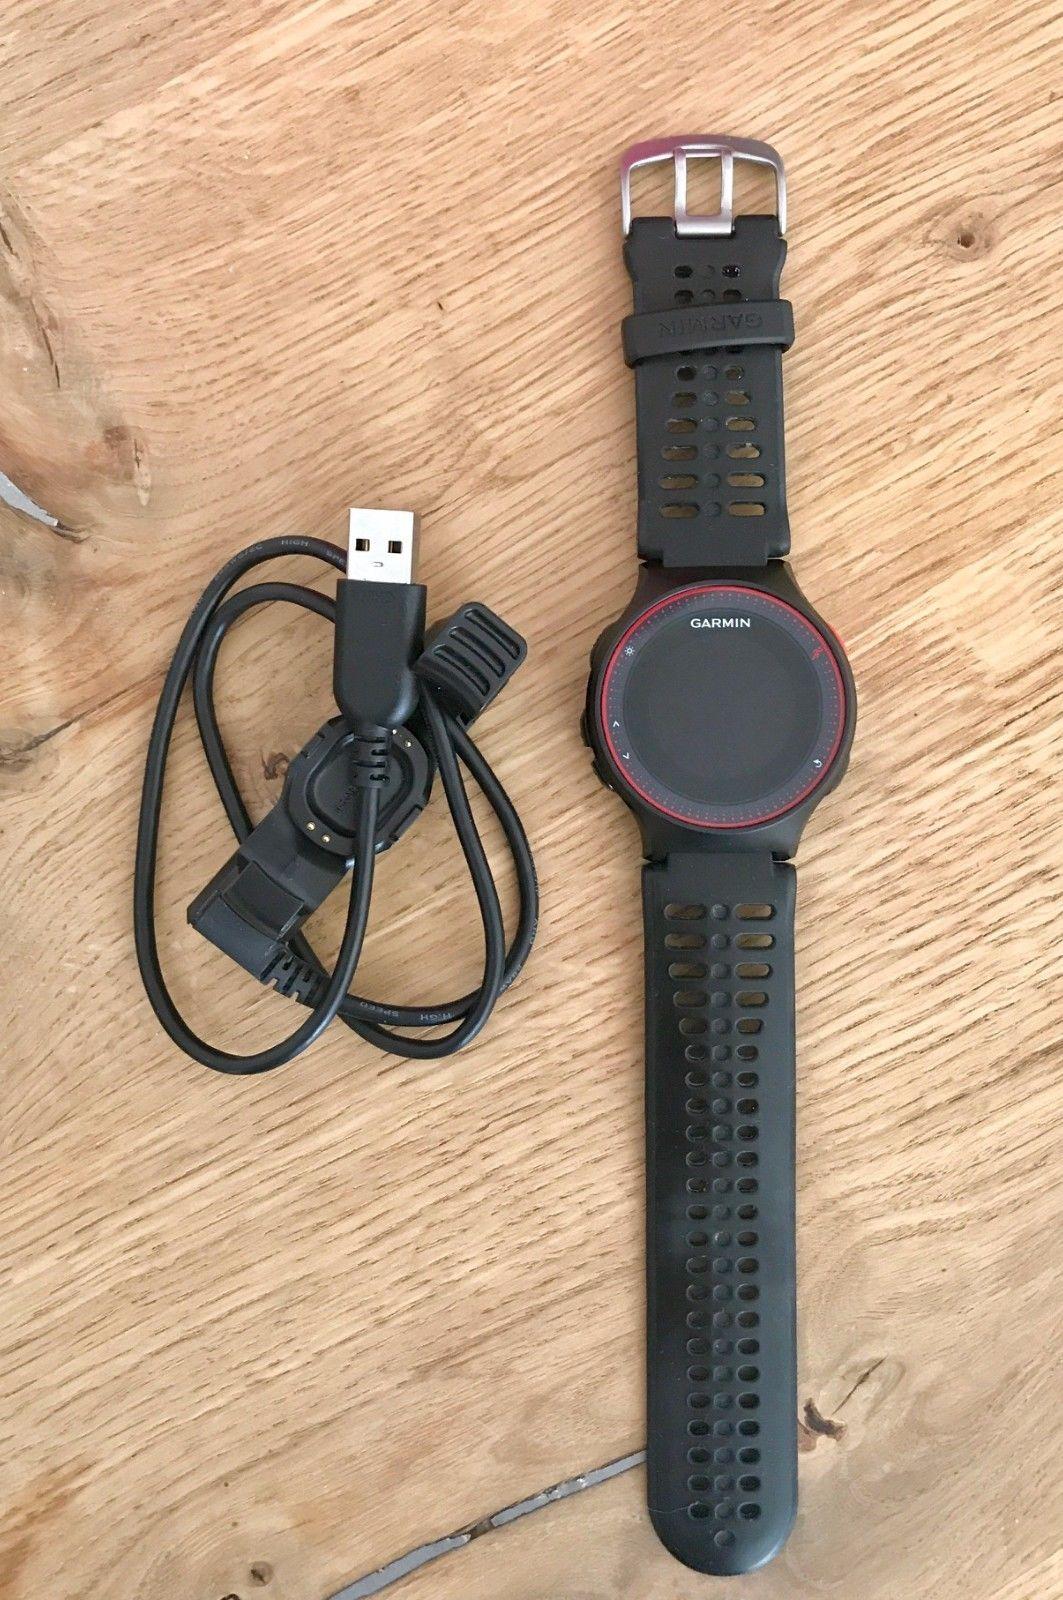 GARMIN Forerunner 225 GPS Sportuhr Pulsmessung am Handgelenk